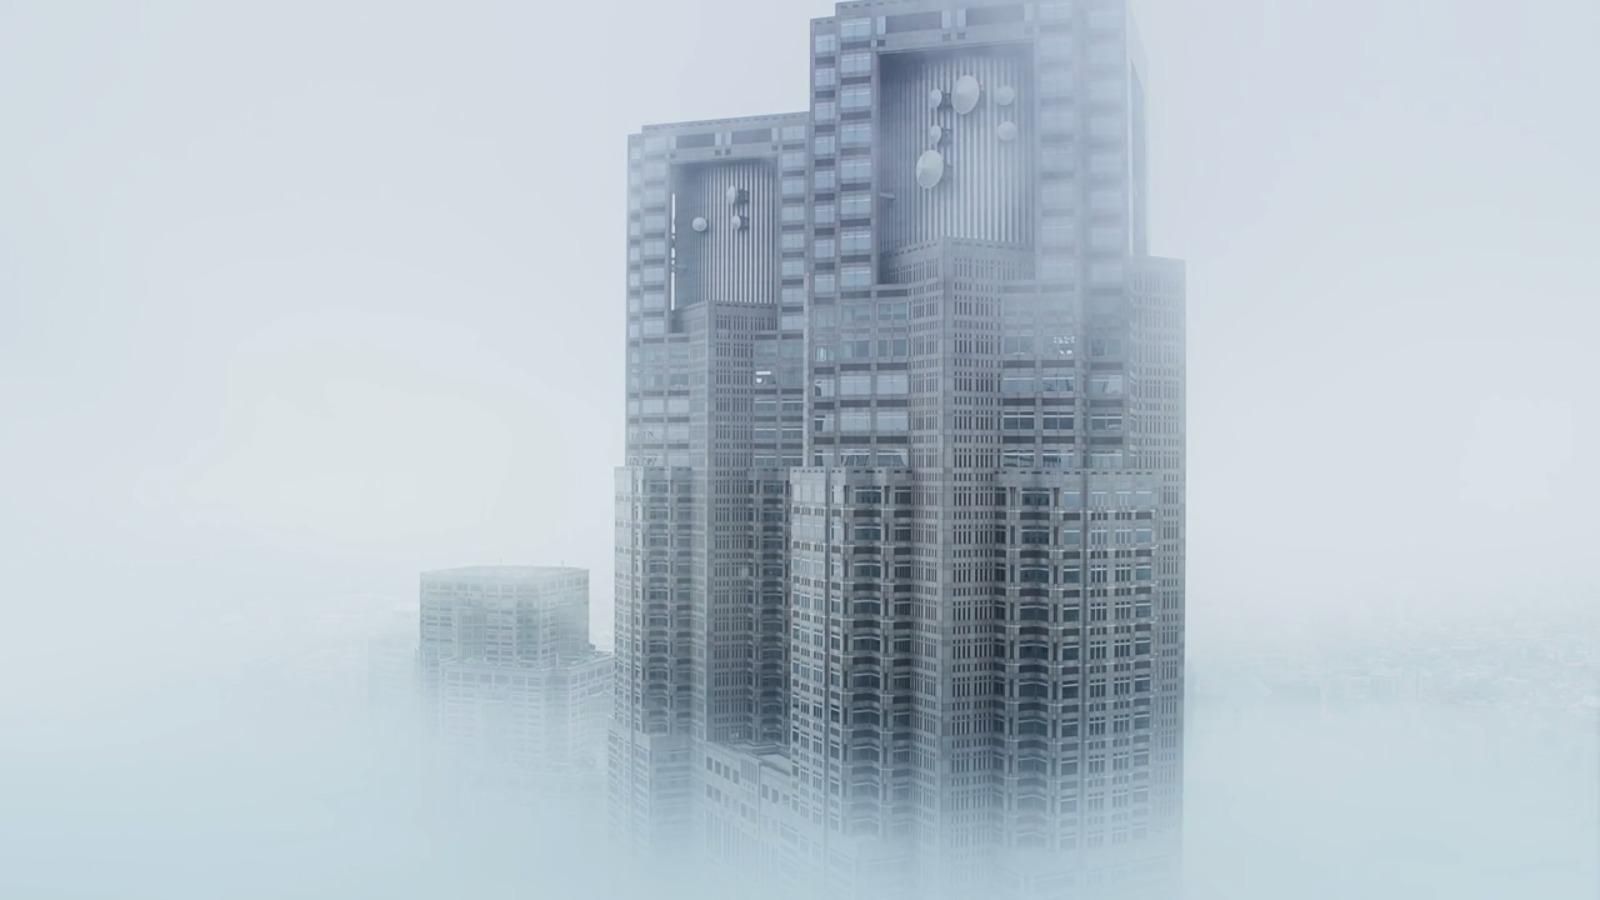 image : TOKYO DENSE FOG